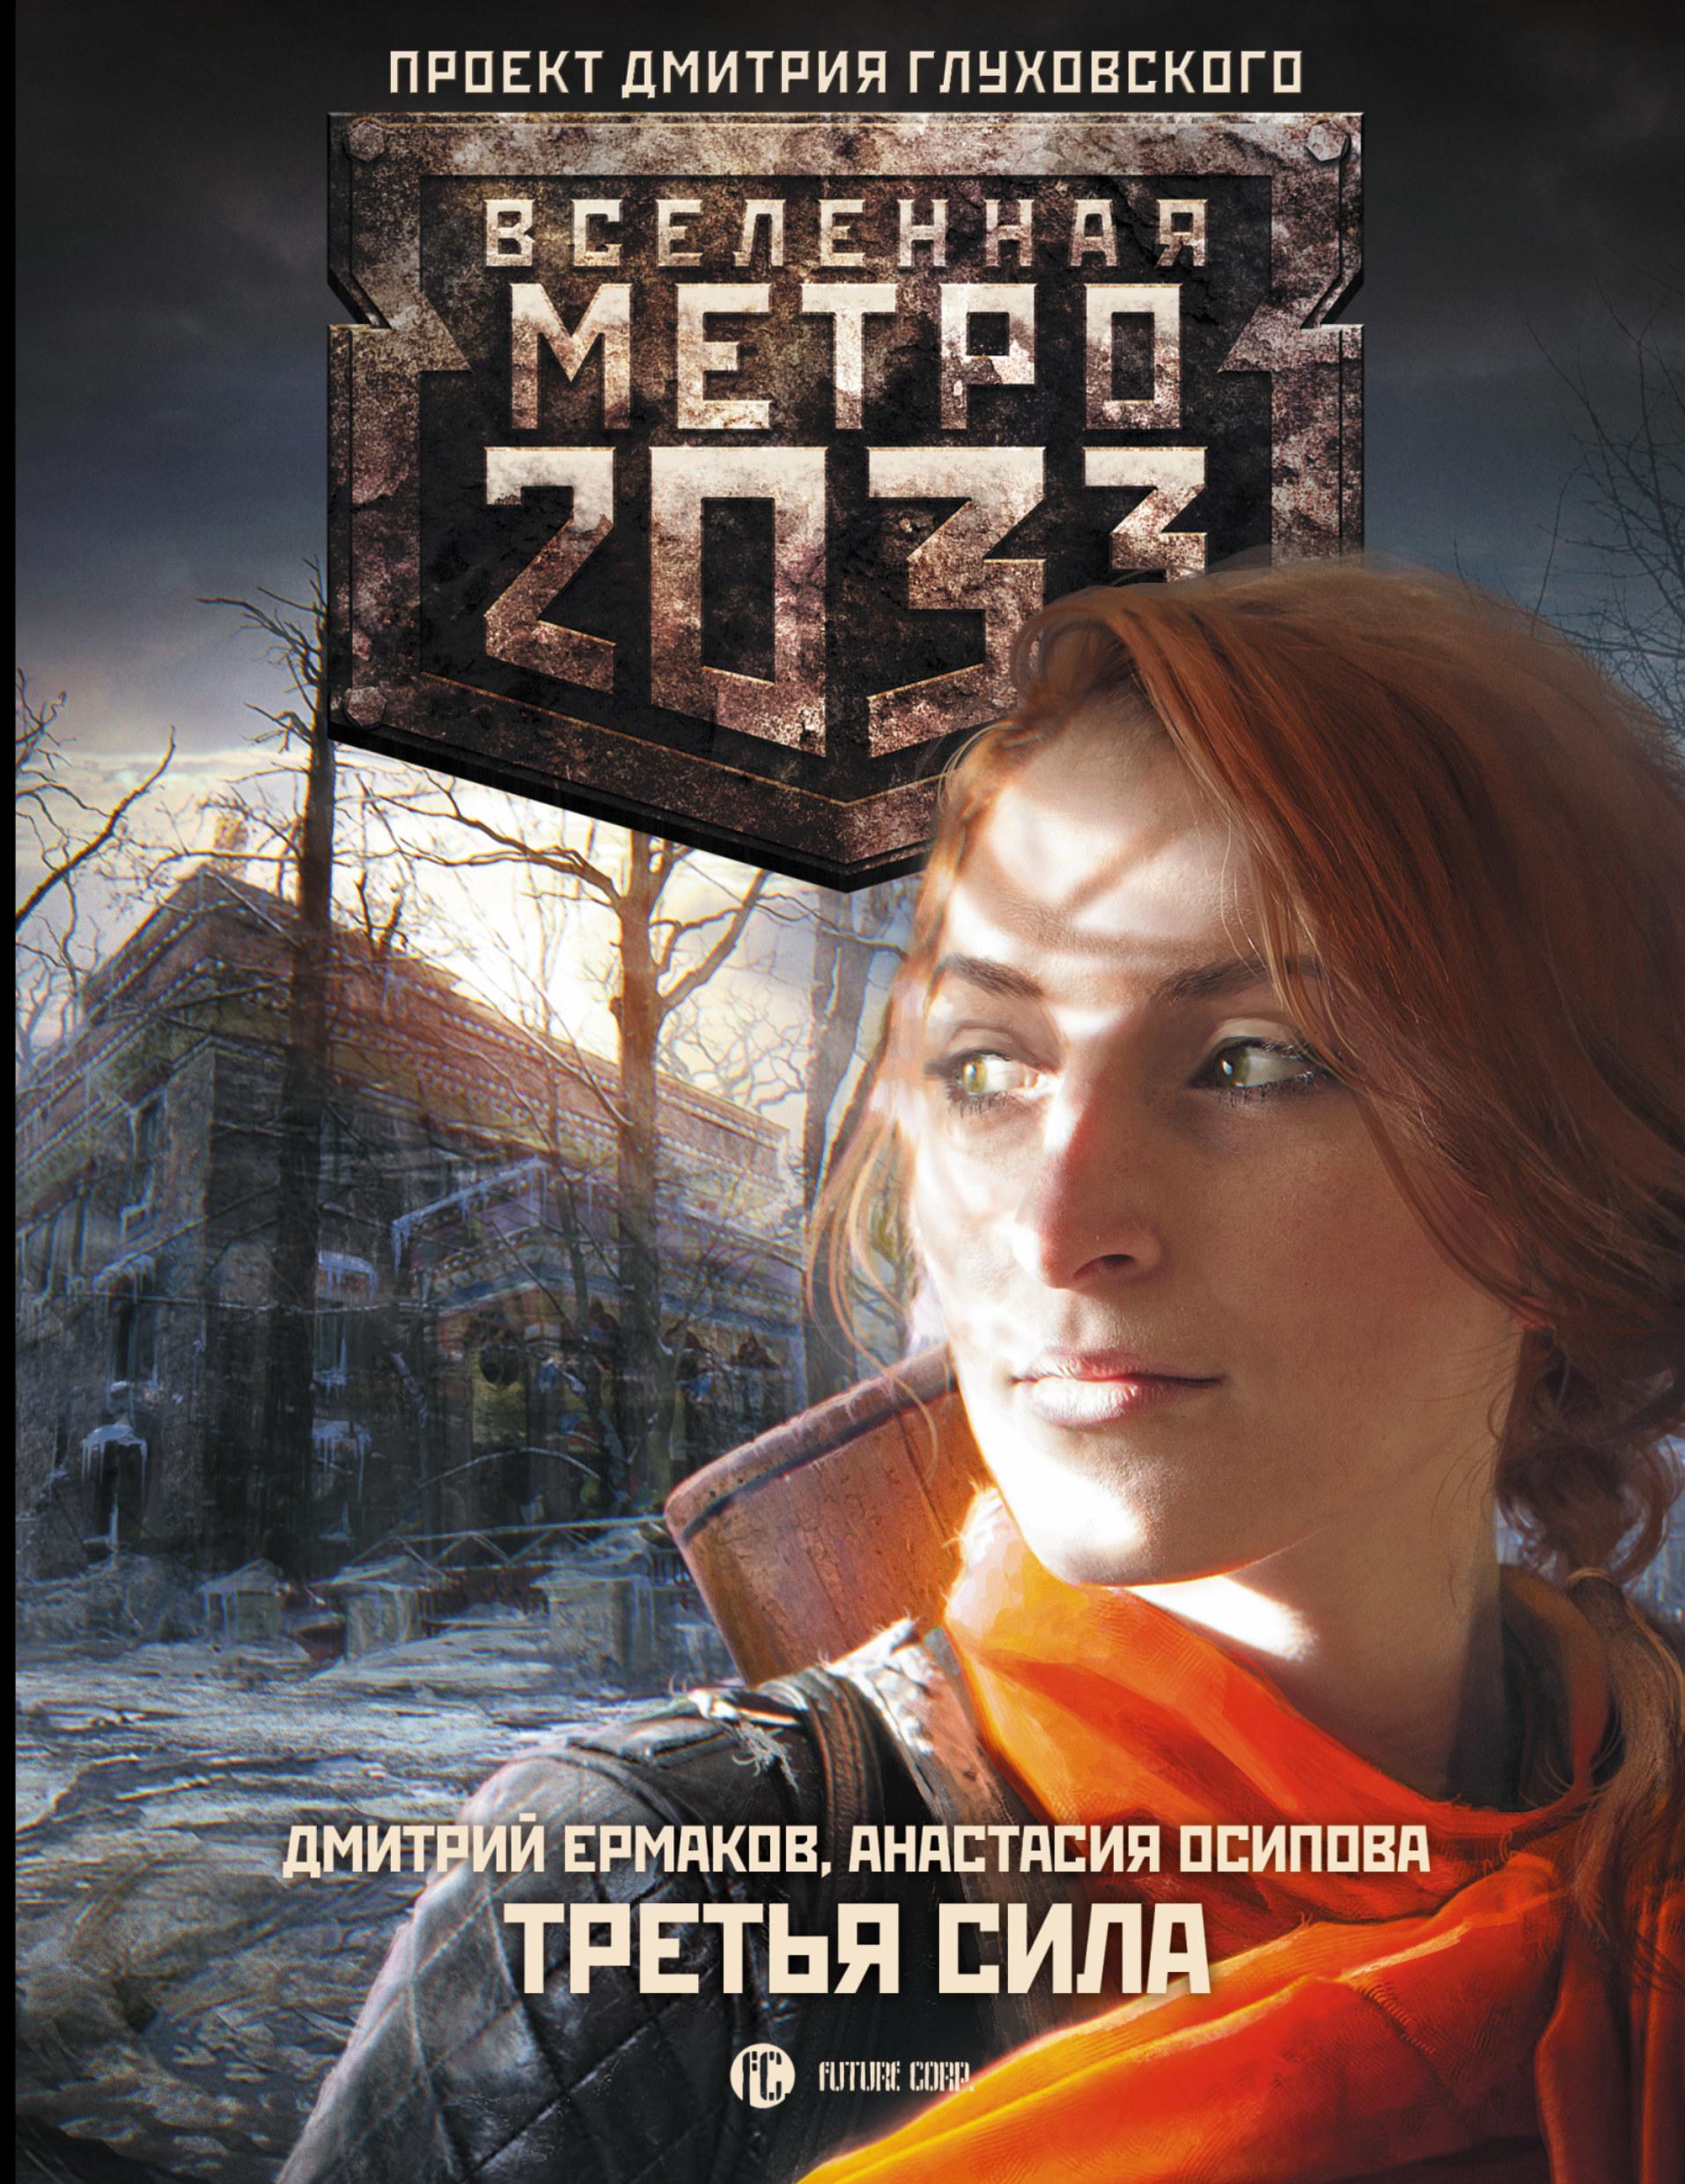 цена на Дмитрий Ермаков, Анастасия Осипова Метро 2033: Третья сила